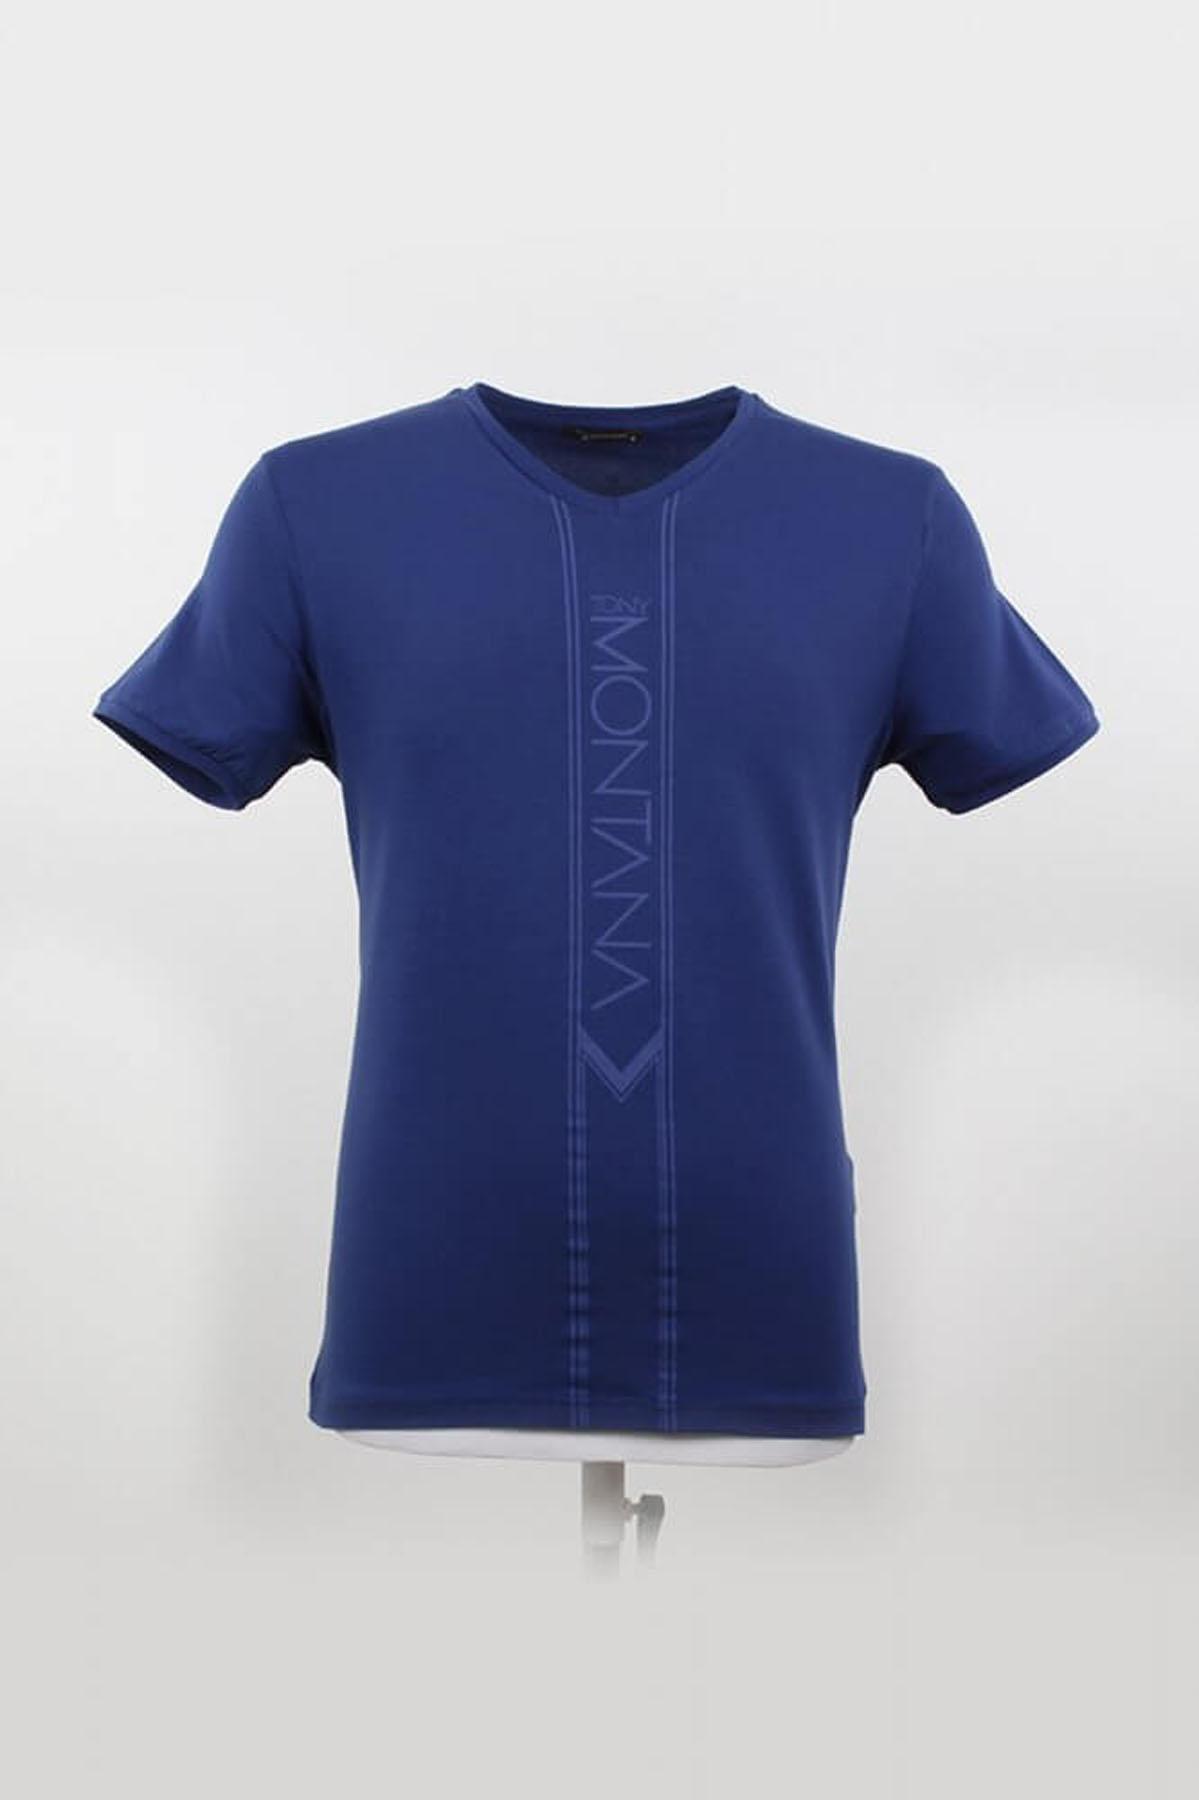 V Yaka Yazılı Marine T-Shirt